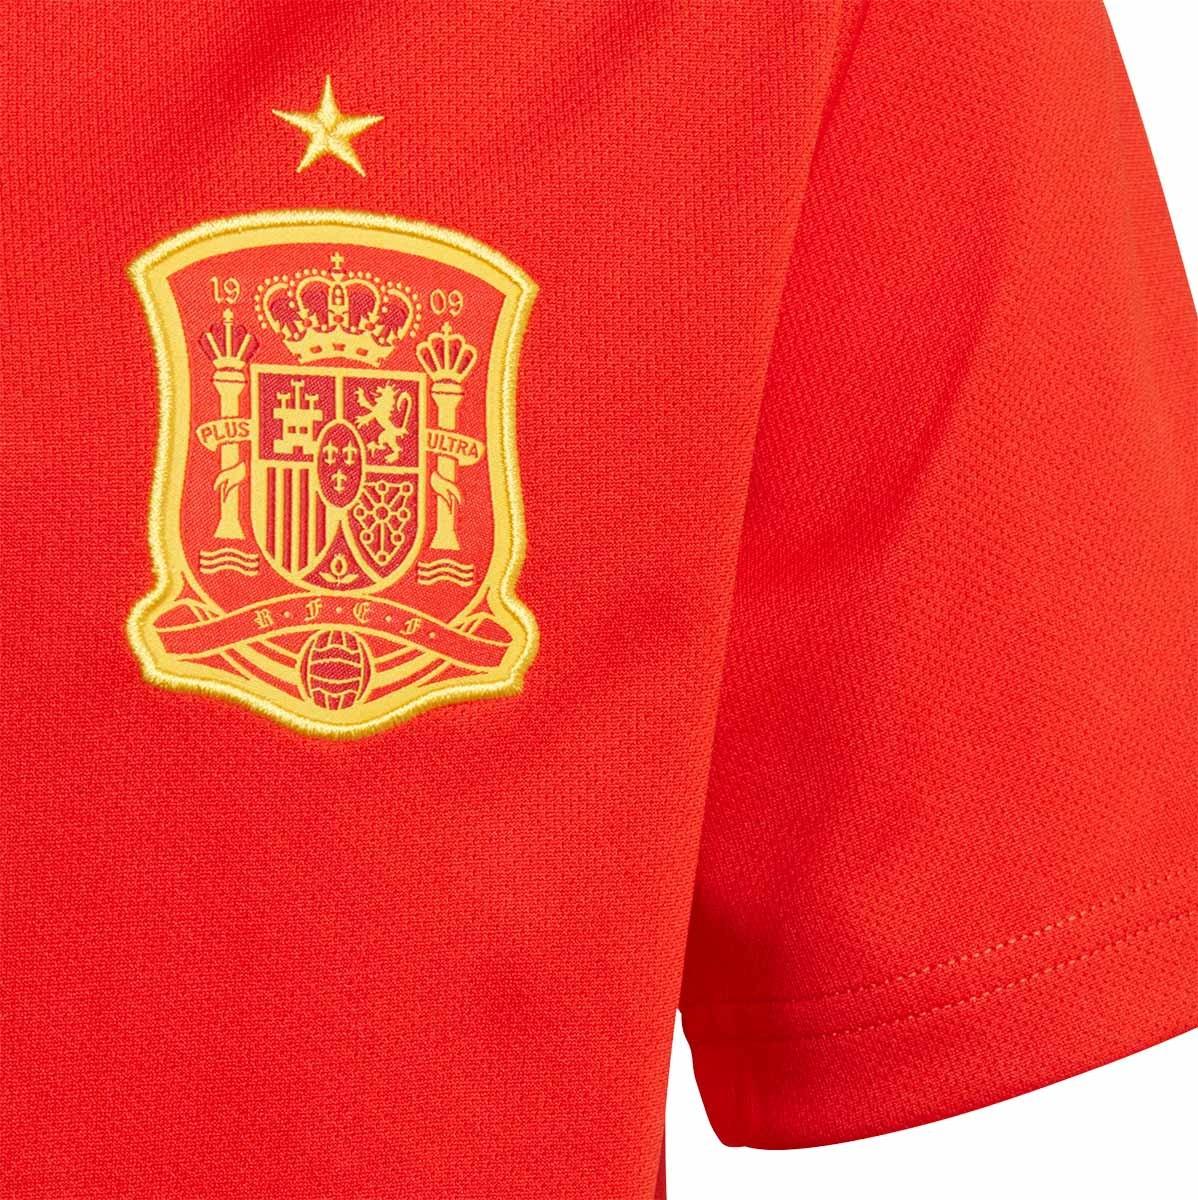 8ee974d1ae5e9 Camiseta adidas España Primera Equipación 2017-2018 Niño Red-Gold - Tienda  de fútbol Fútbol Emotion